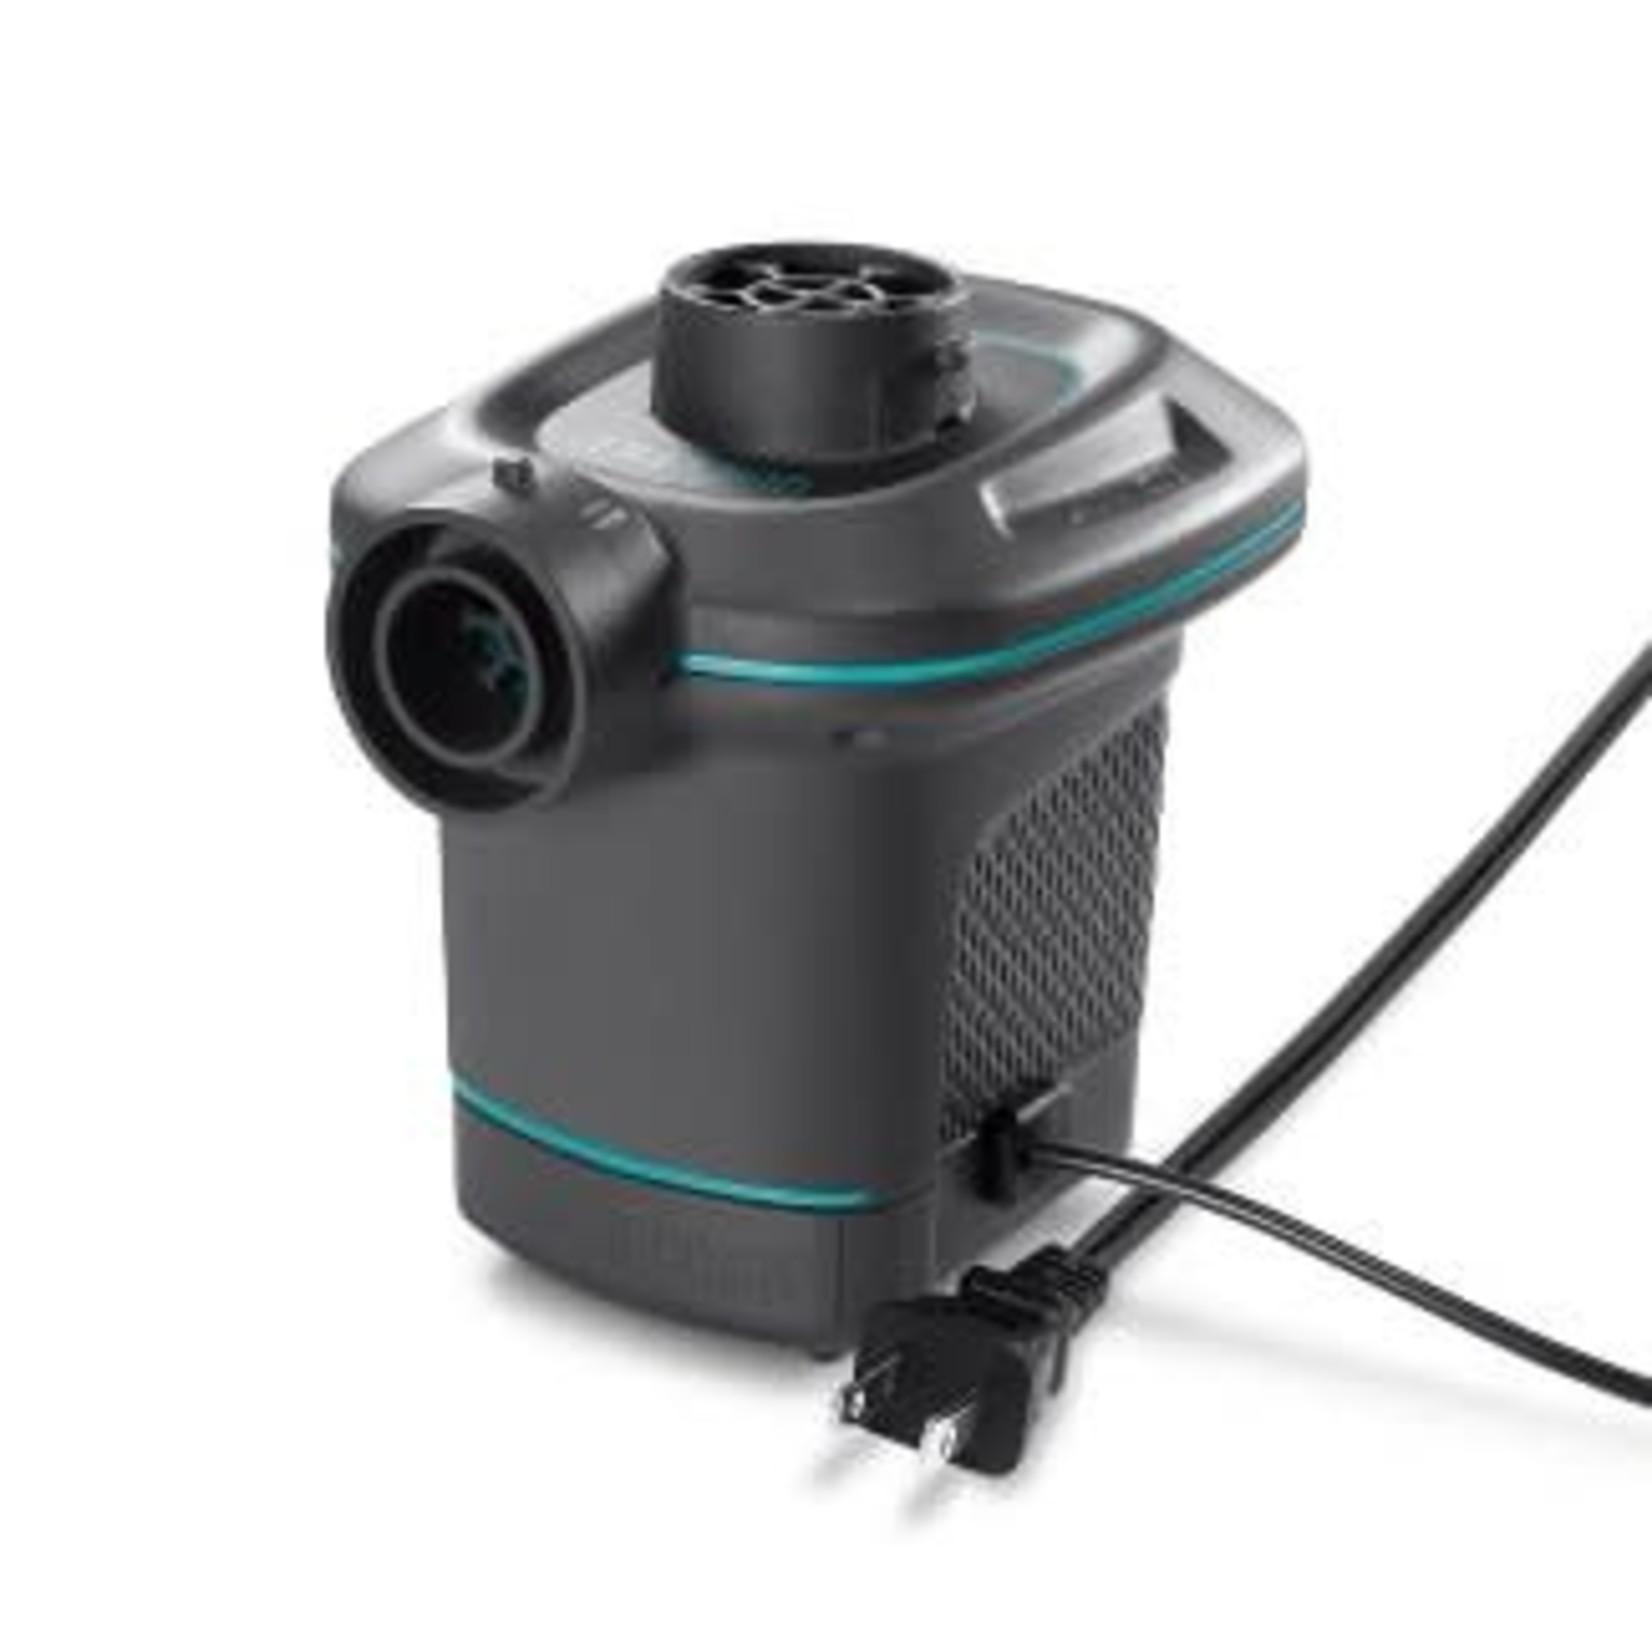 Intex 120V AC Electric Pump